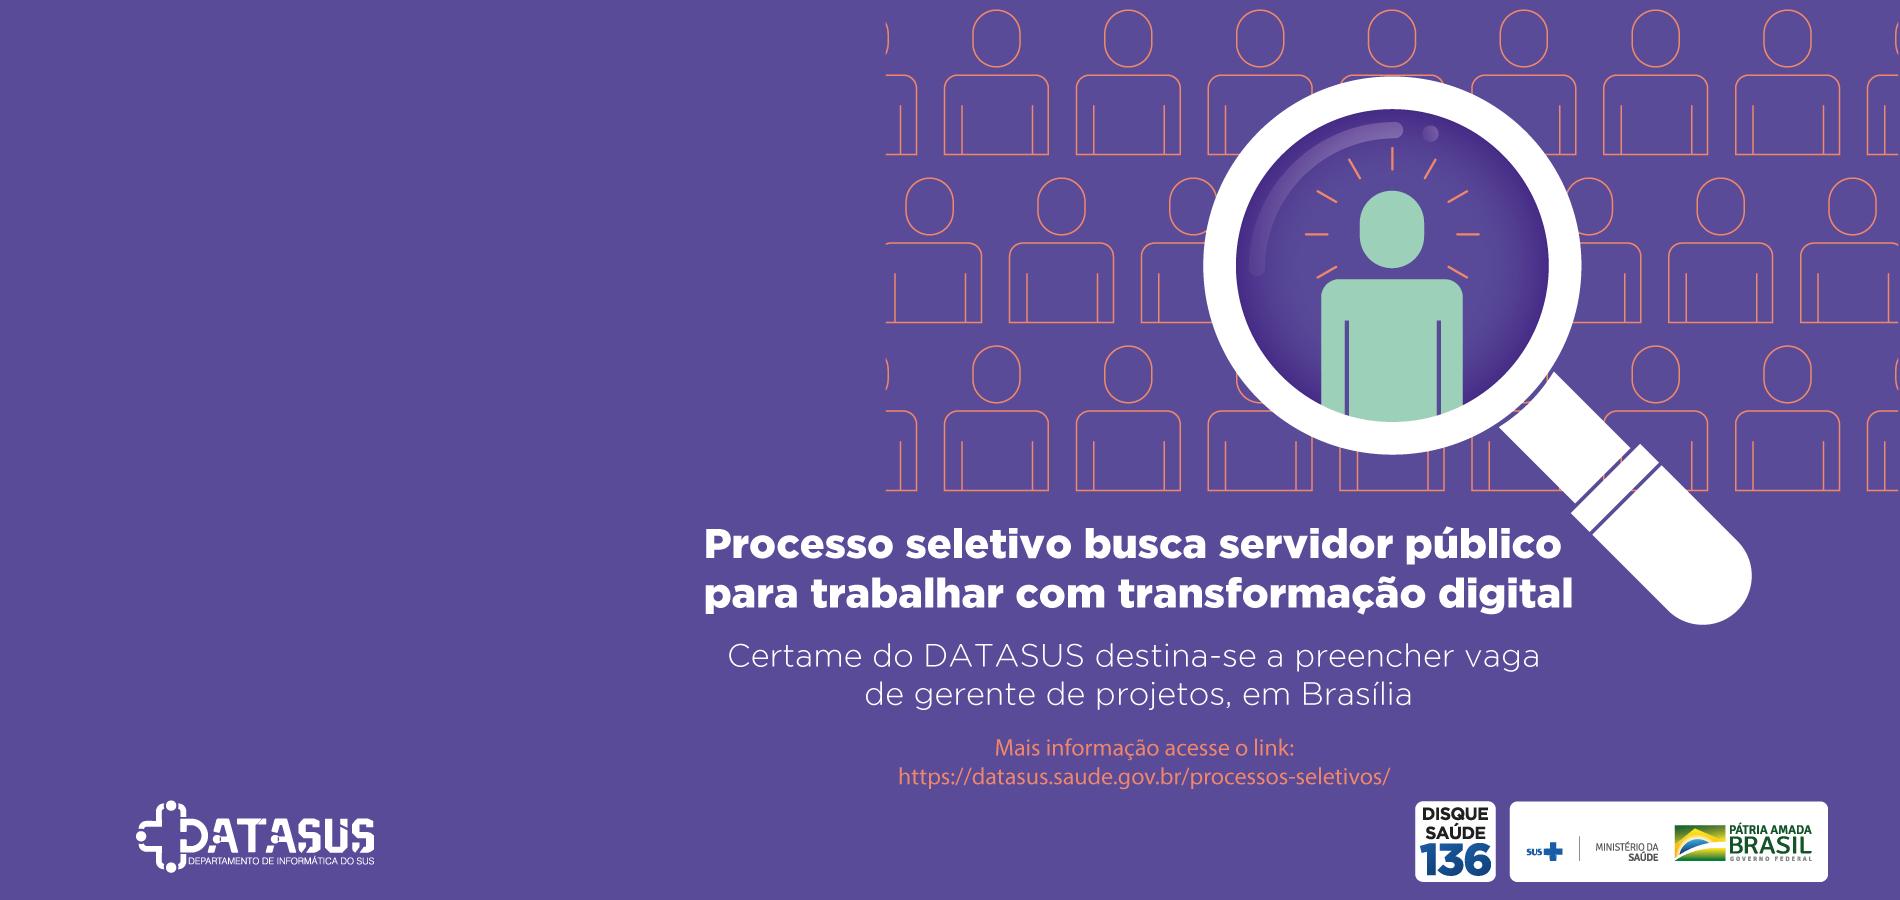 Processo seletivo busca servidor público para trabalhar com transformação digital